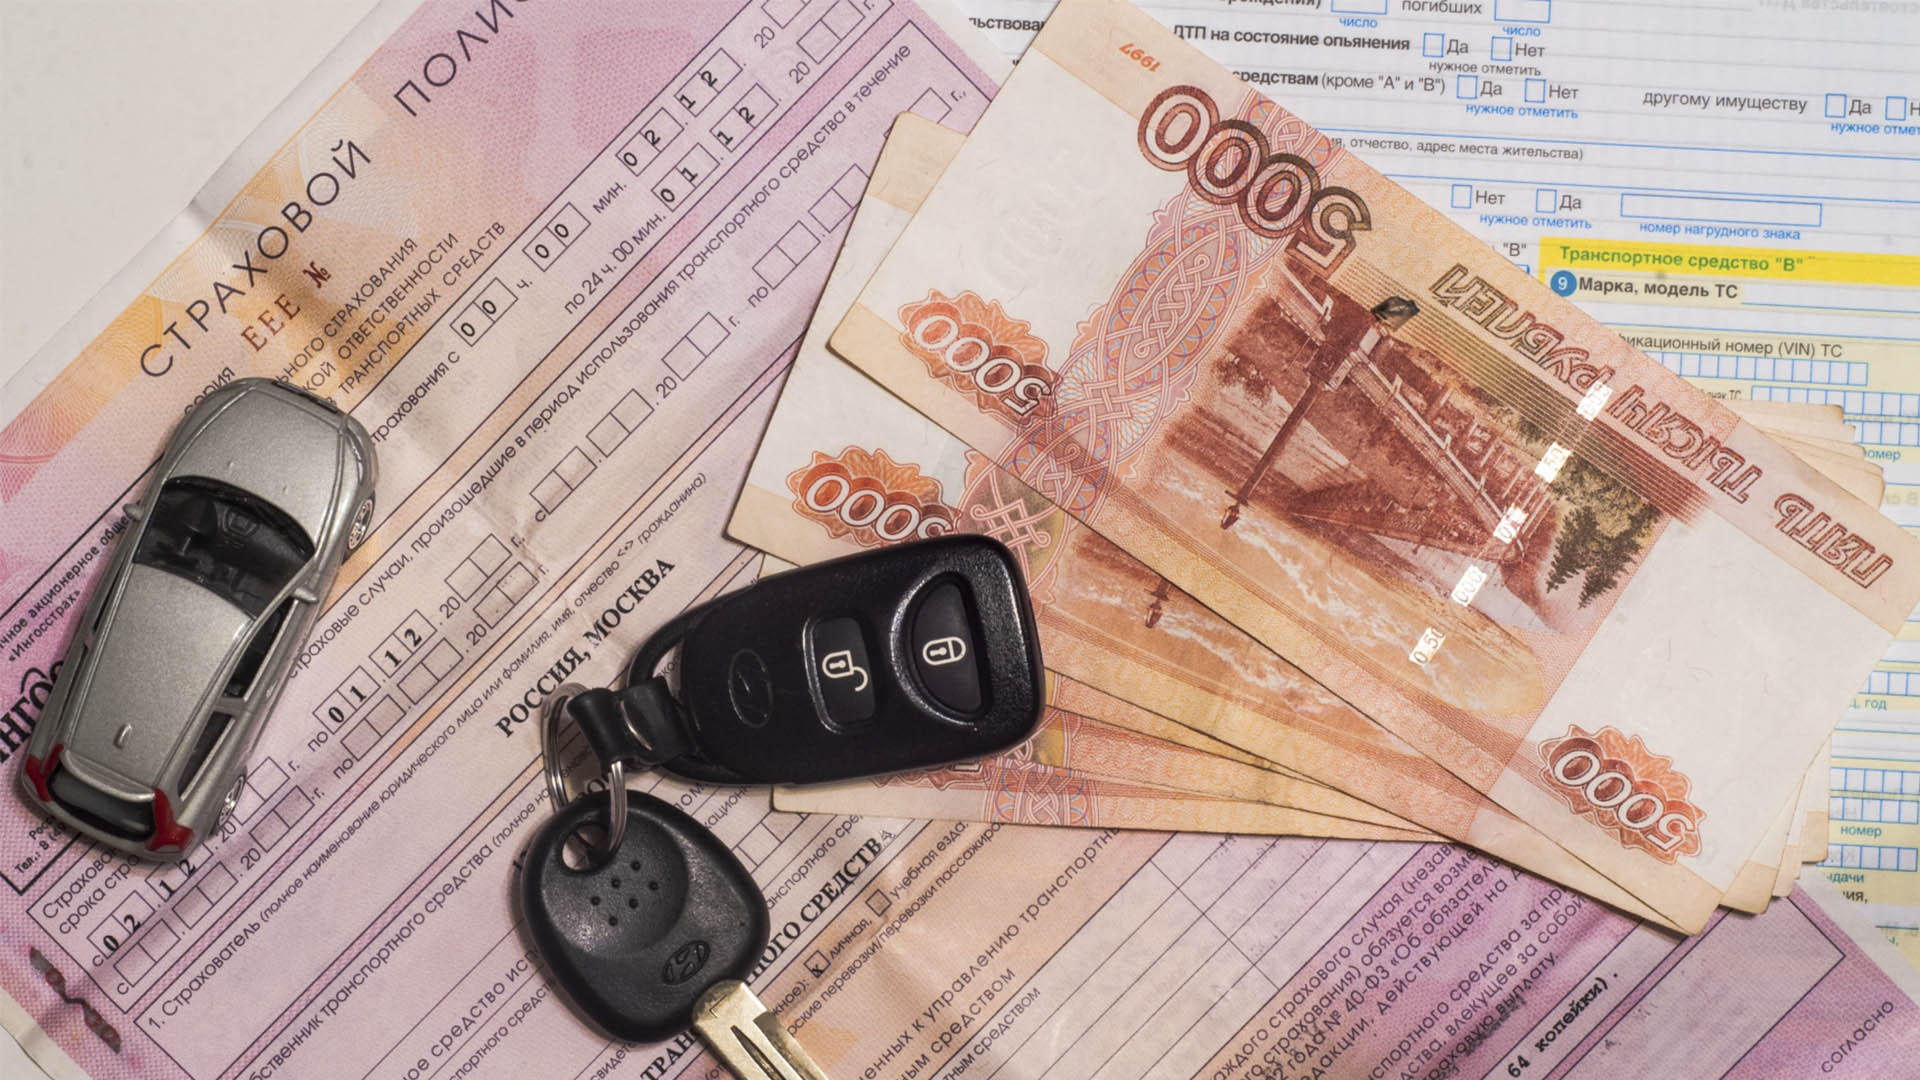 Предложение страховщиков может окончательно закрыть путь в легальный бизнес такси — ответный шаг страховых компаний на обращение в ФАС и Генпрокуратуру